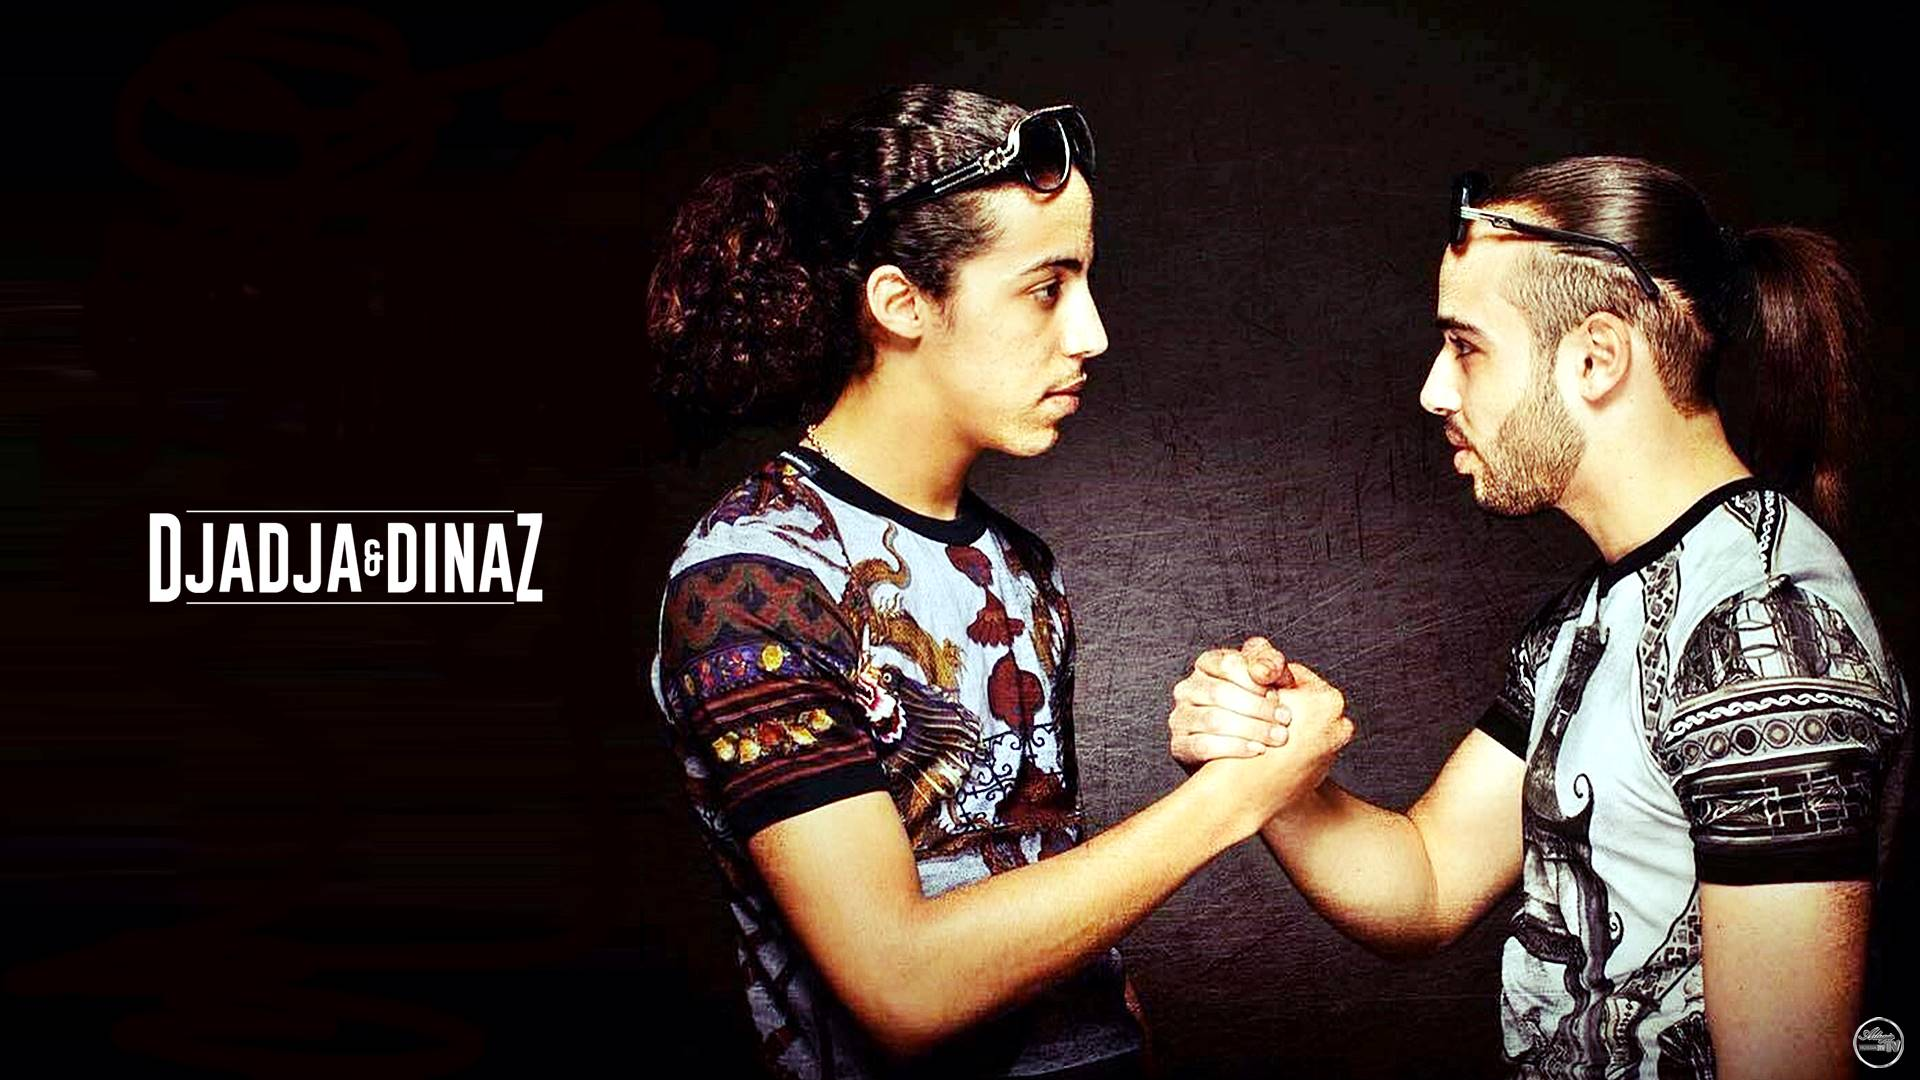 Djadja and Dinaz